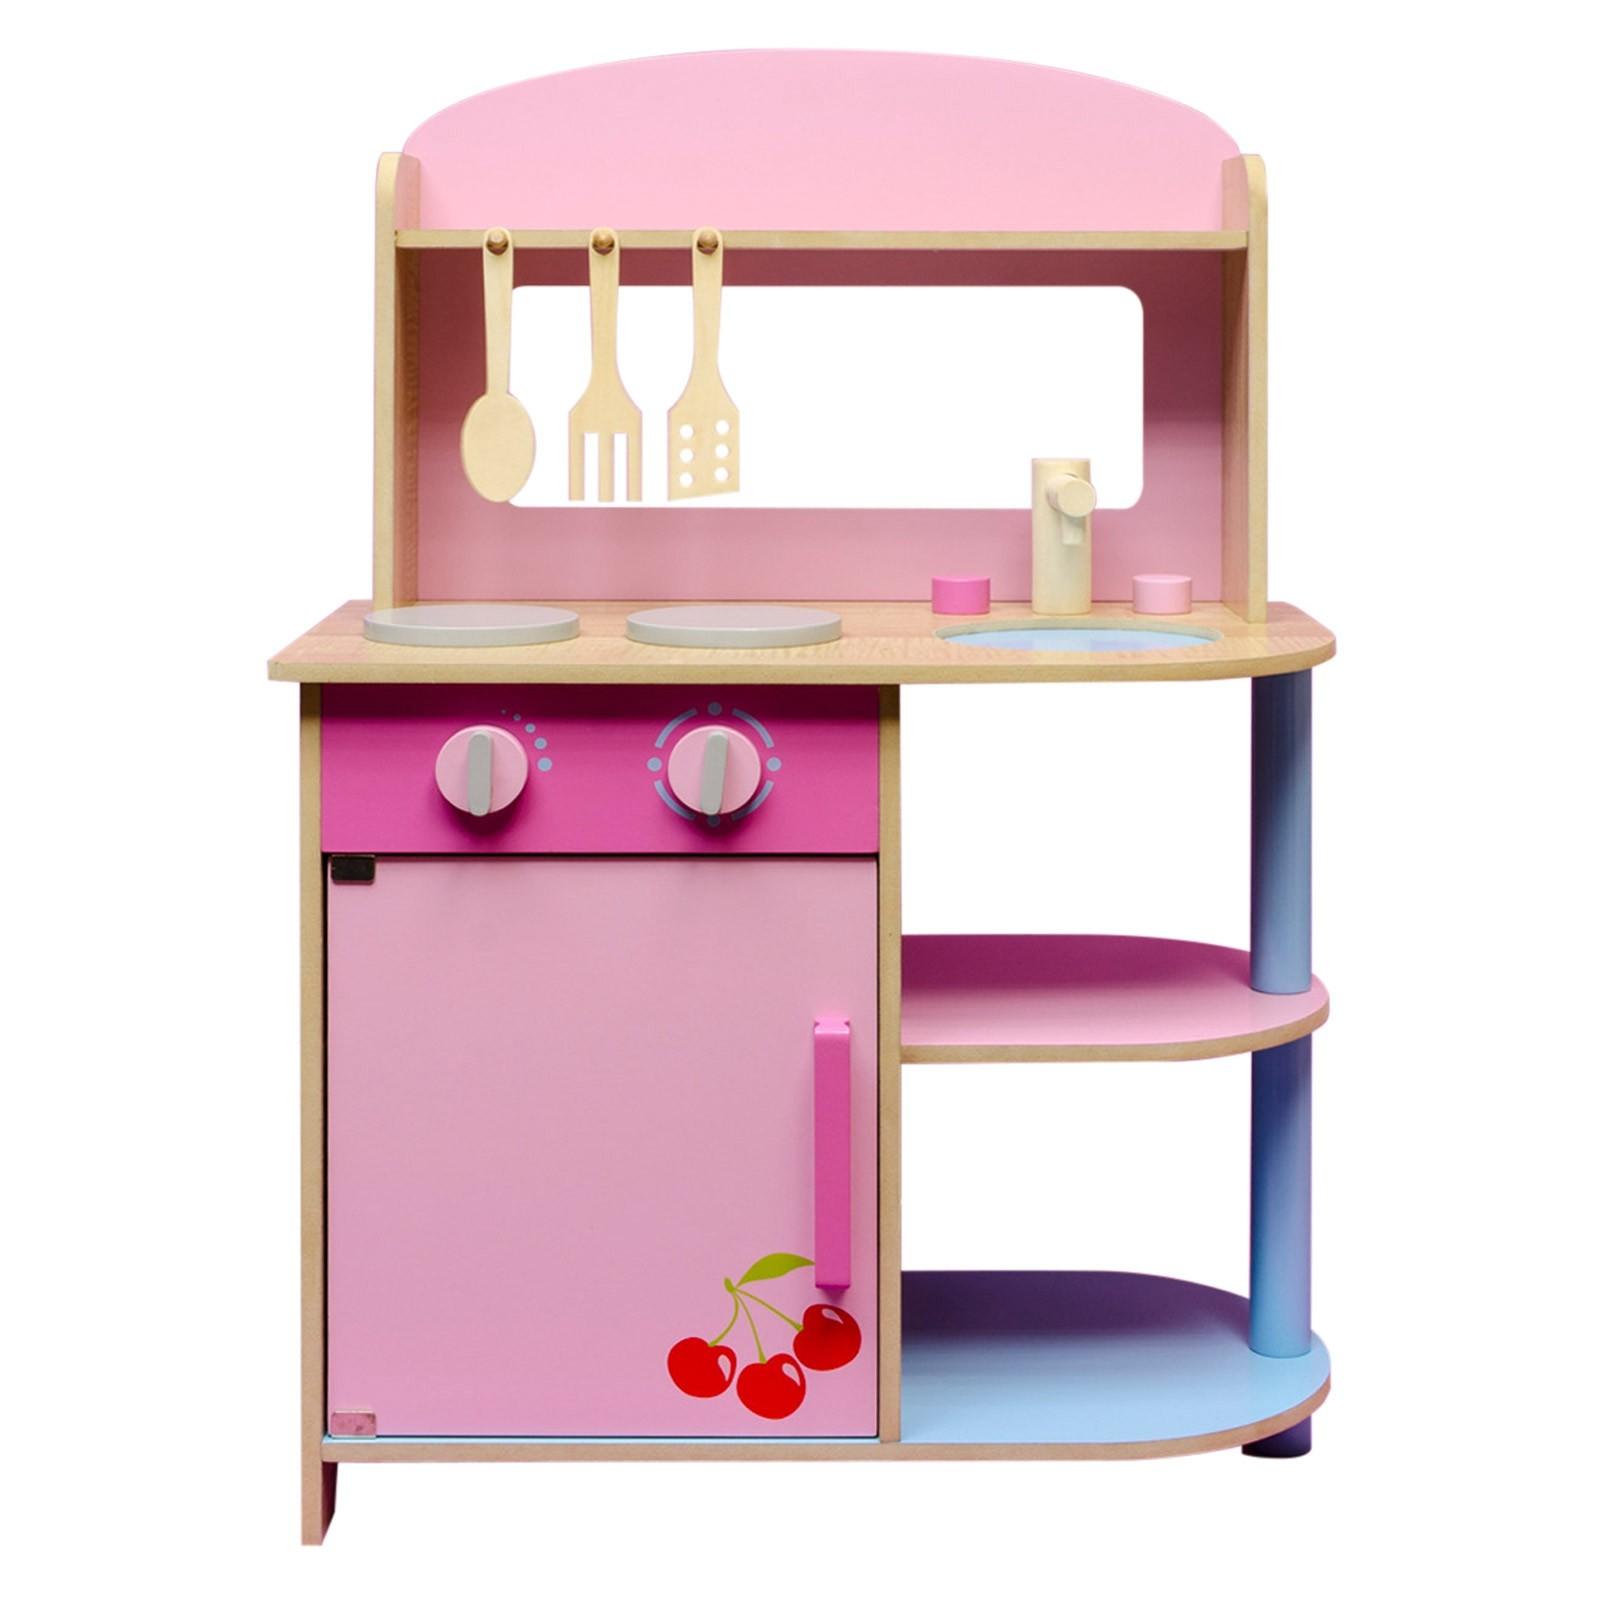 Full Size of Van Manen Kinderkche Spielkche Aus Holz Mit 3 Kchenhelfer Kinder Spielküche Wohnzimmer Spielküche